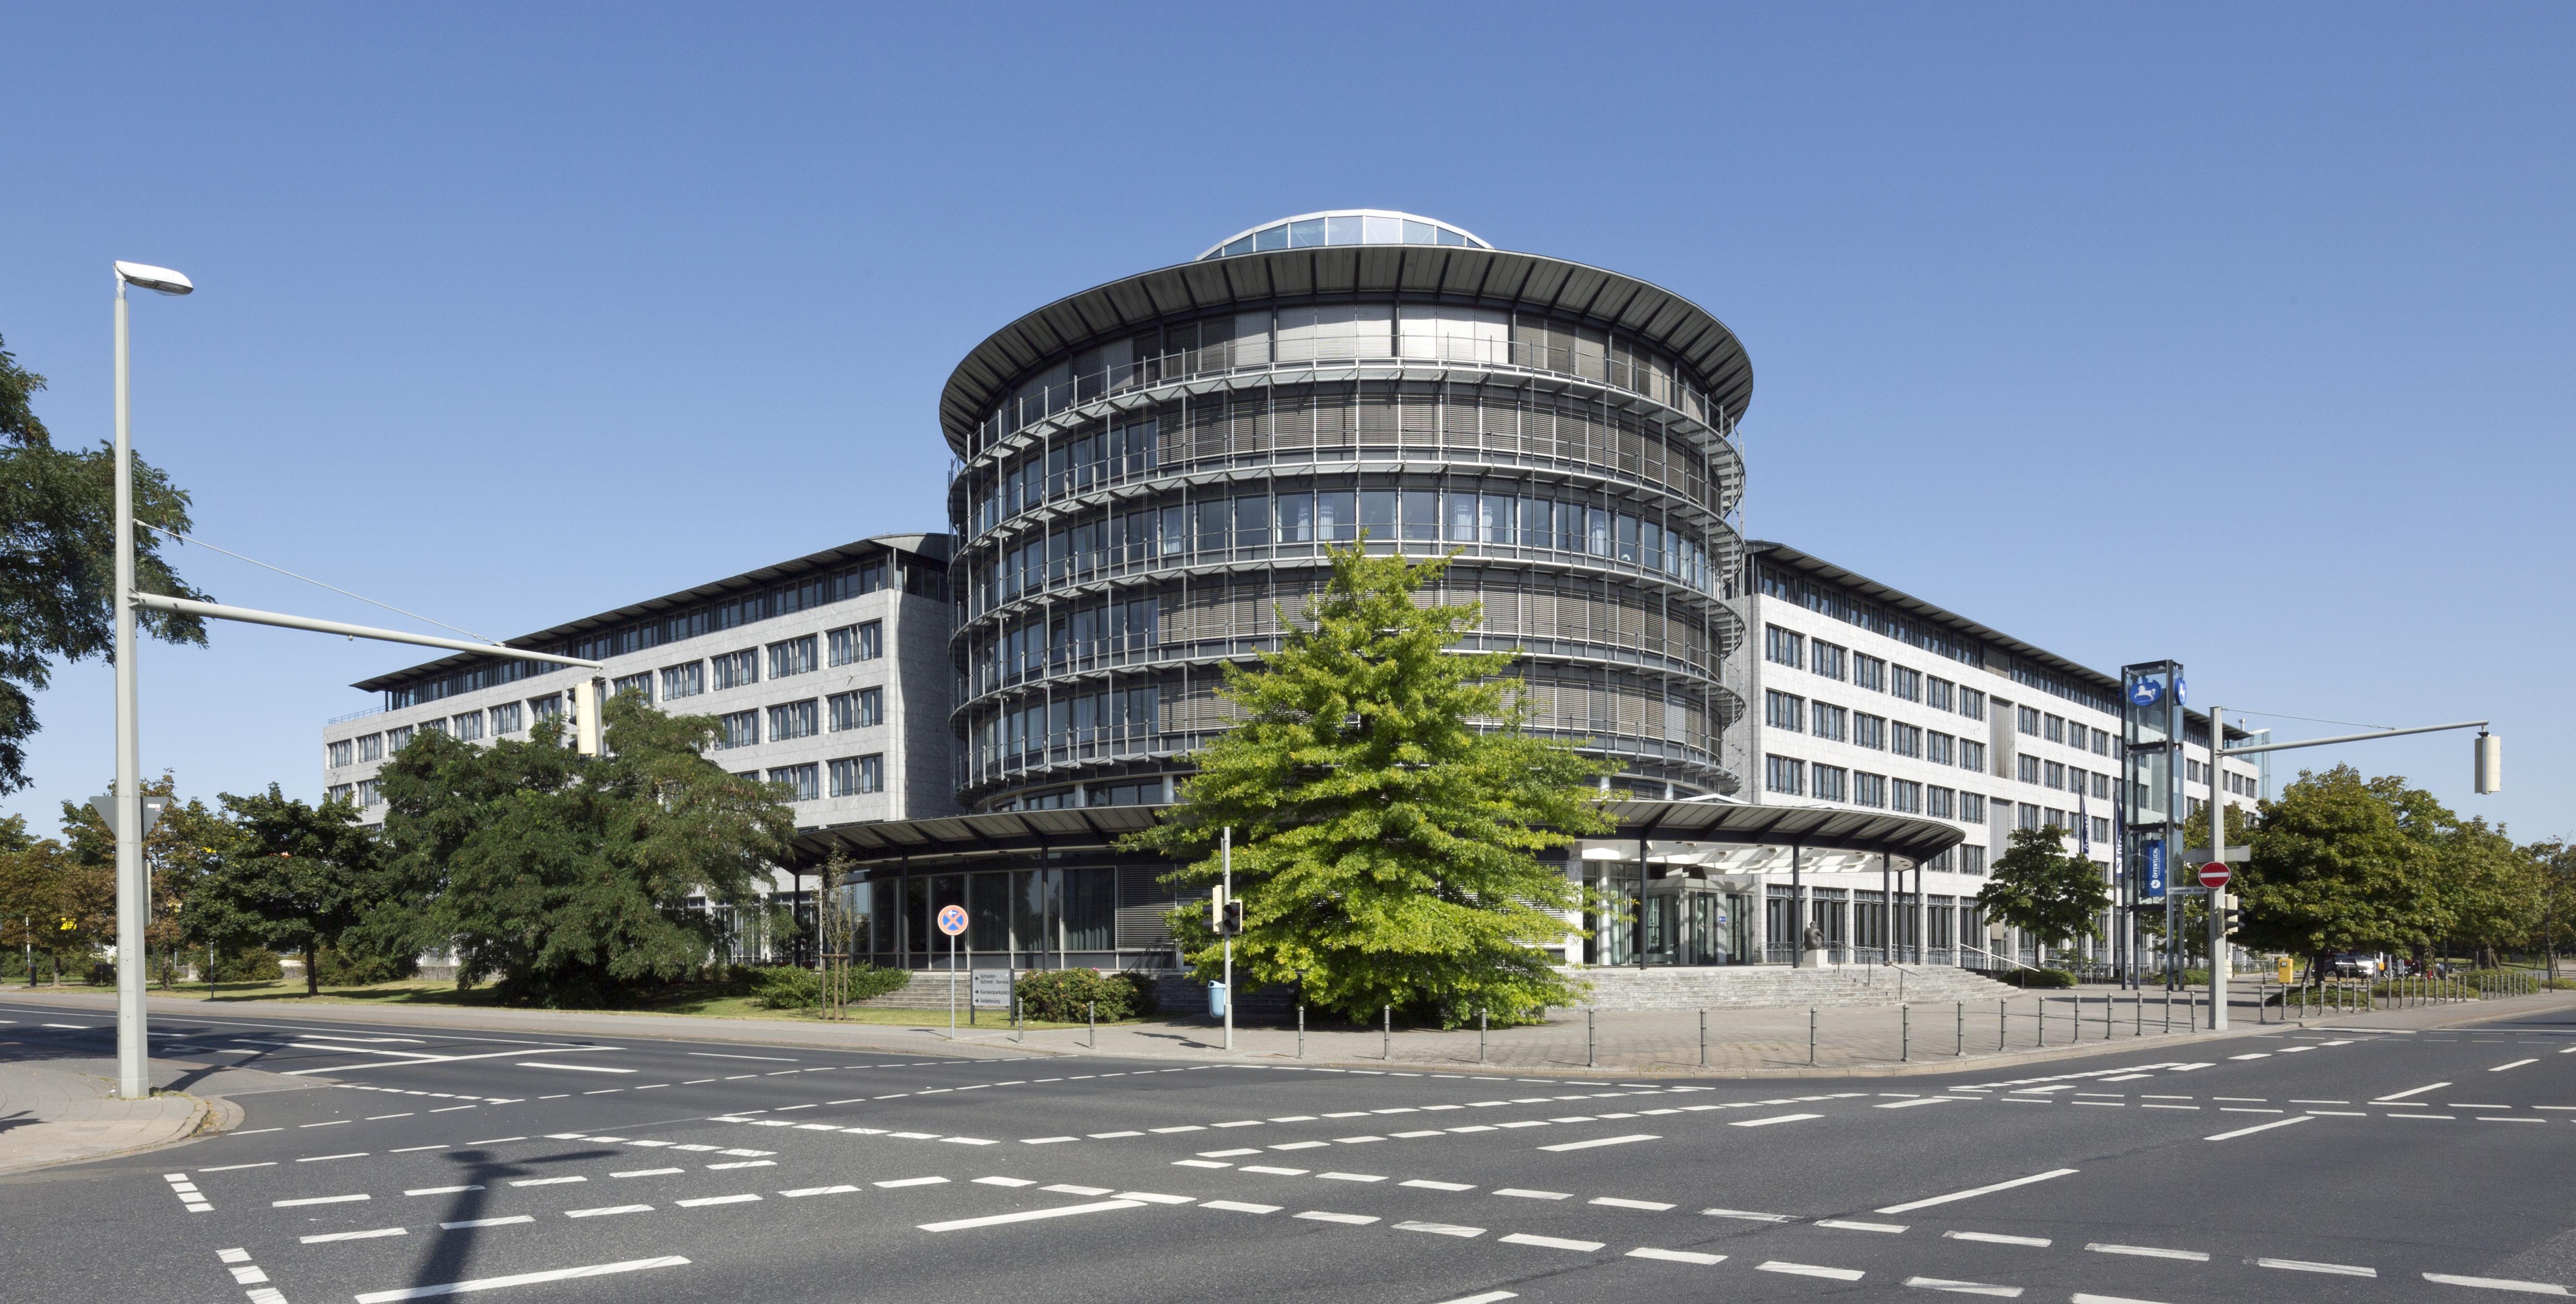 Offentliche Versicherung Braunschweig Wikiwand